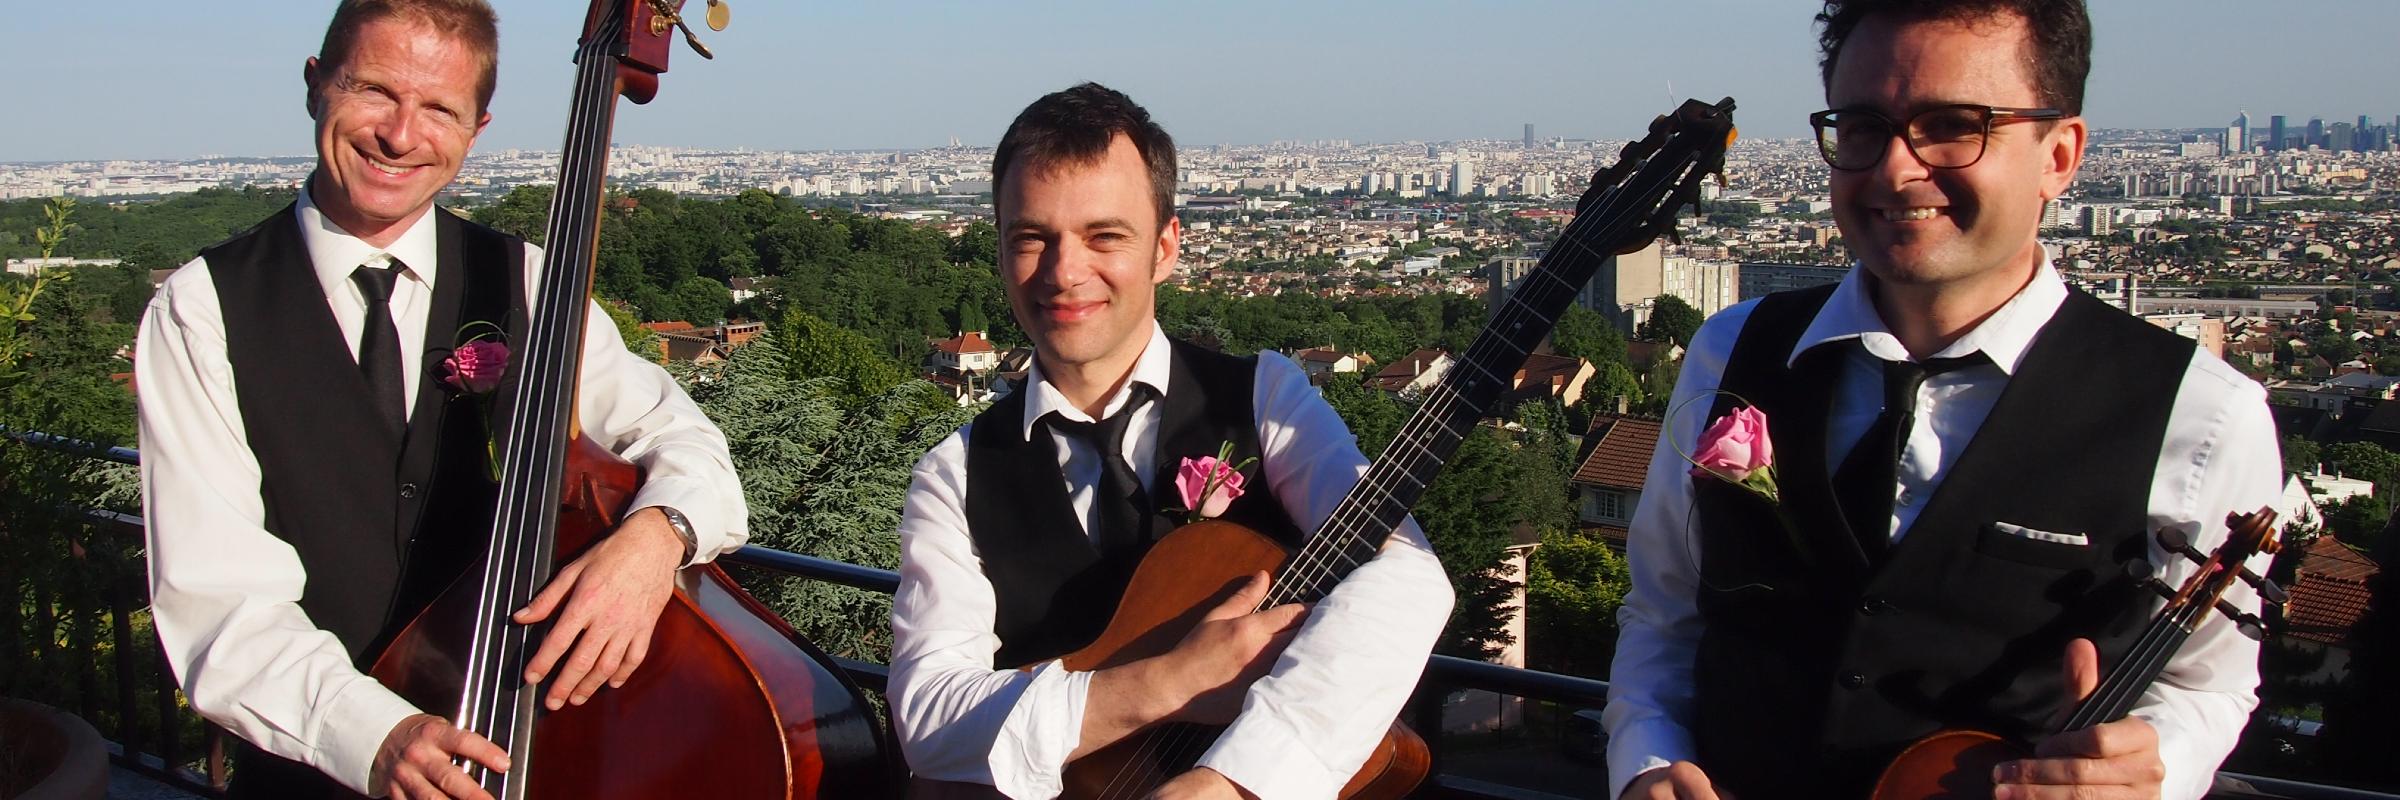 Just for Cab', musicien Guitariste en représentation à Paris - photo de couverture n° 1